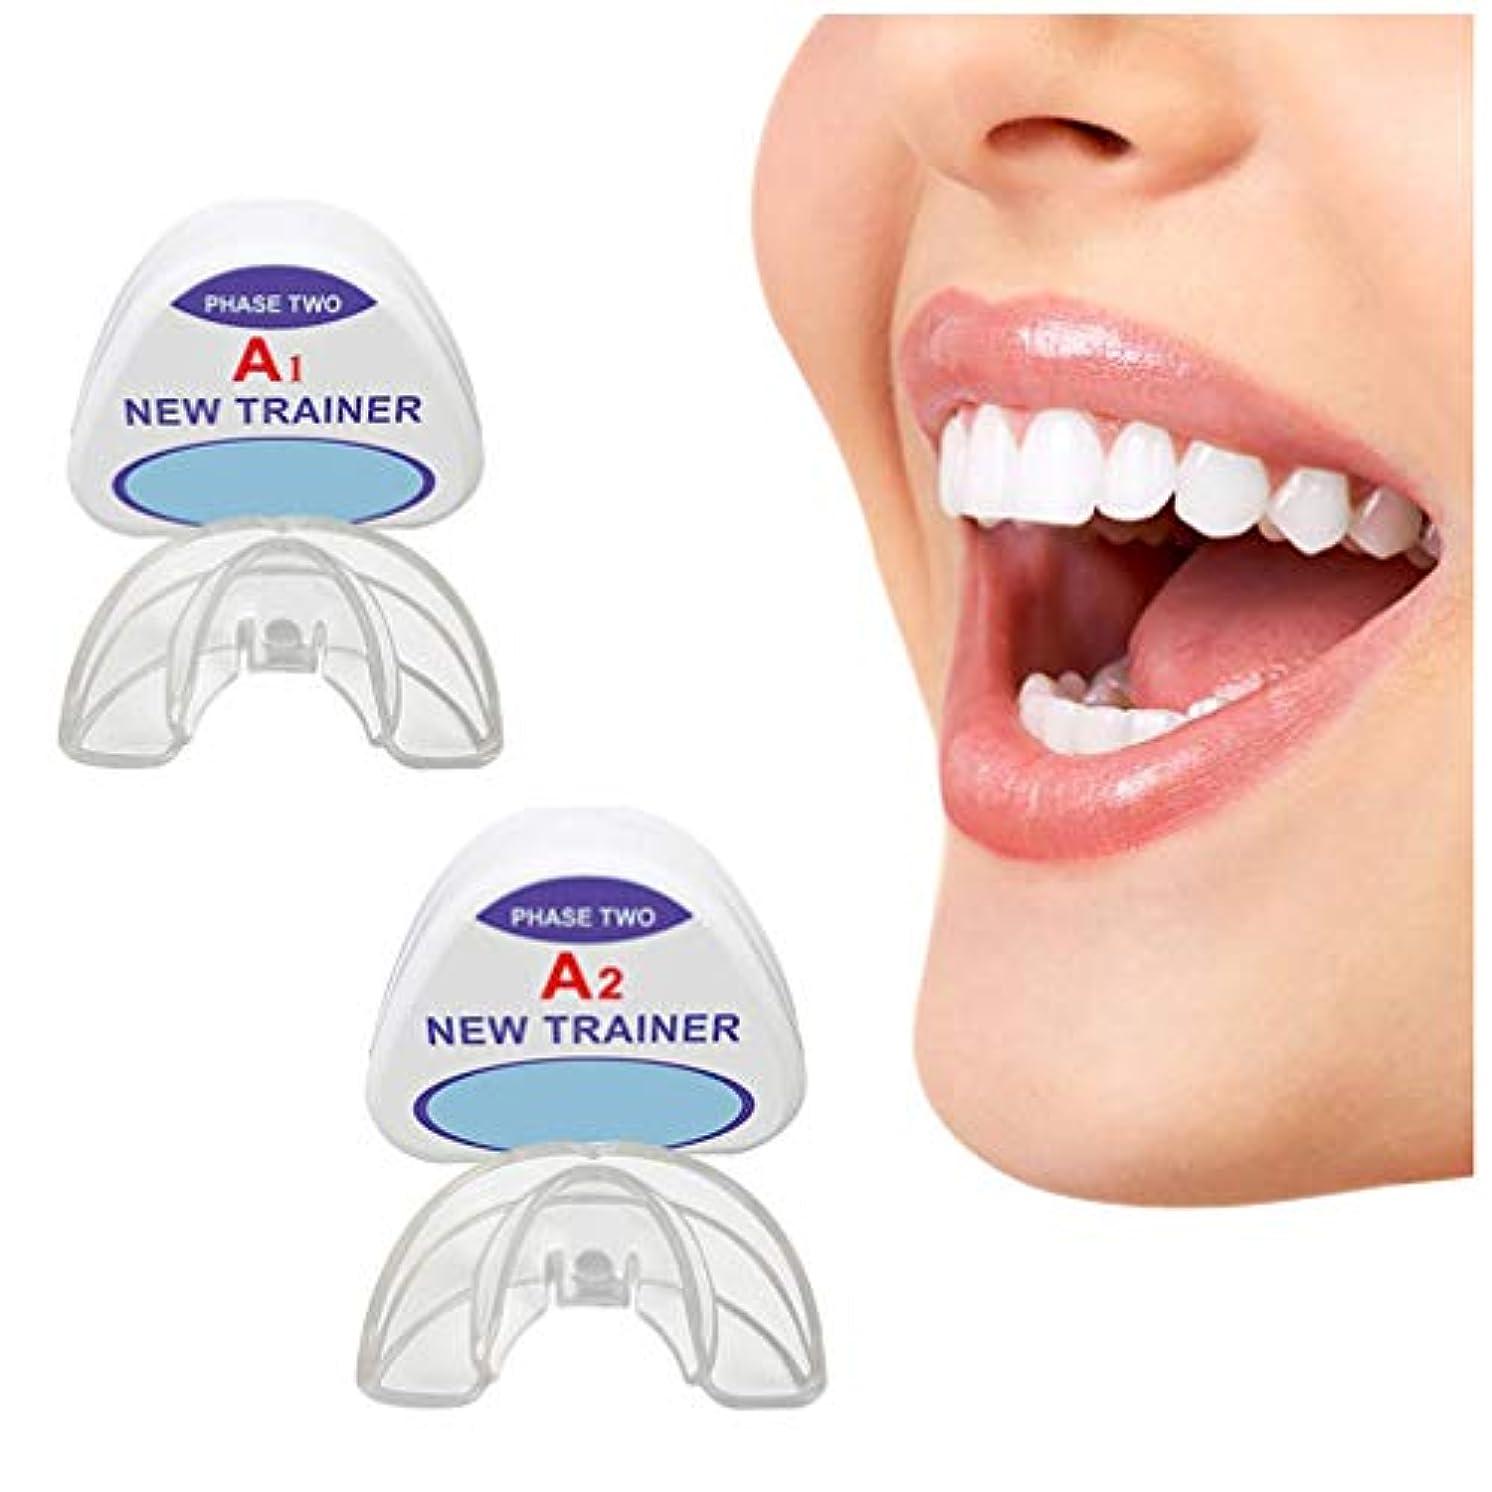 歯アライメントトレーナーリテーナー、歯科矯正トレーナー、ナイトマウスガードスリムグラインドプロテクター、大人のためのトレーナー歯アライメントブレース,A1+A2